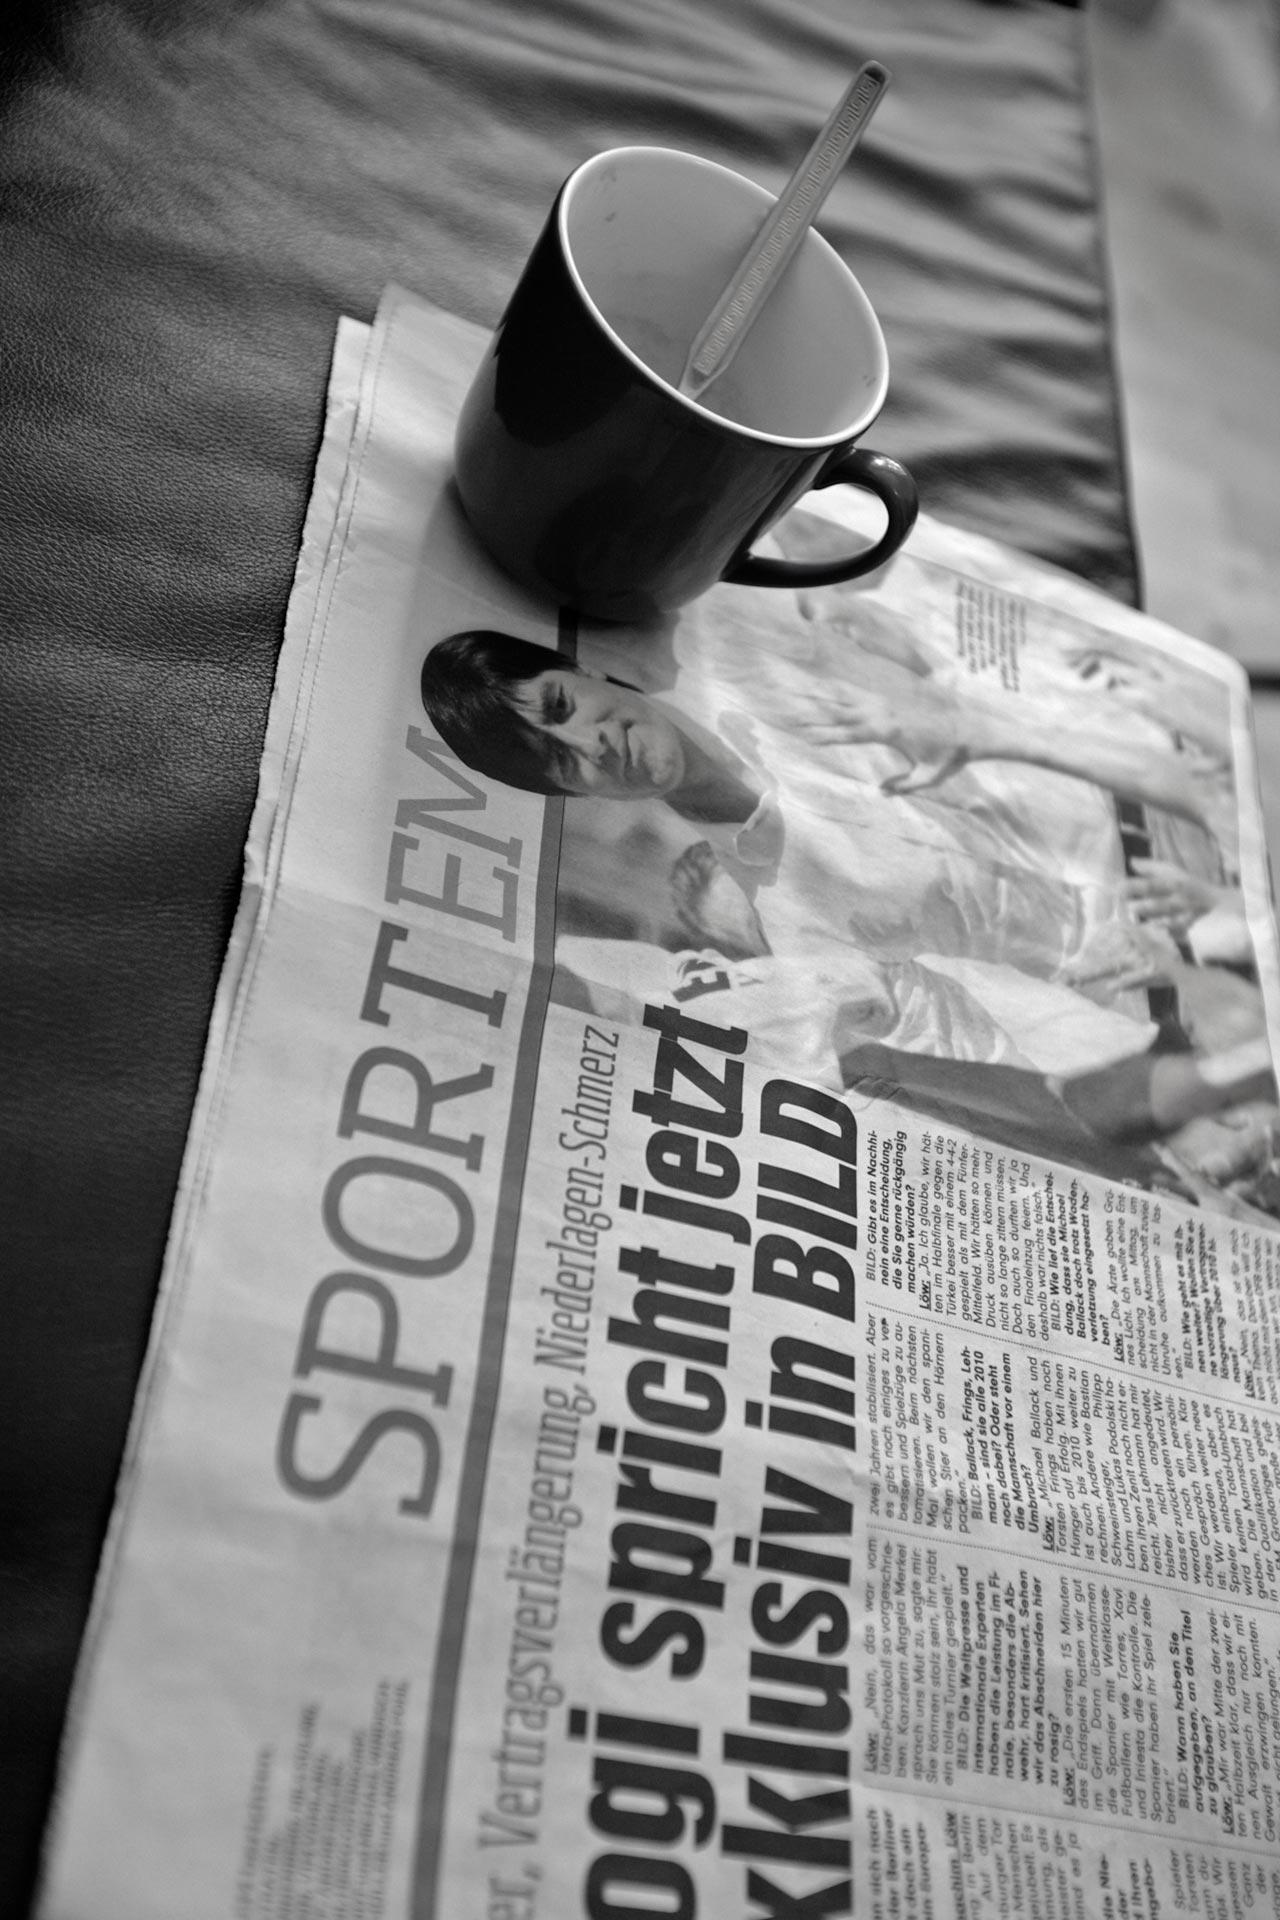 ...auf dem Sofa liegt dieSport BILD mit einem jugendlich wirkenden Joachim Löw, das war 2008… nun ging diese Ära zu Ende (2021).